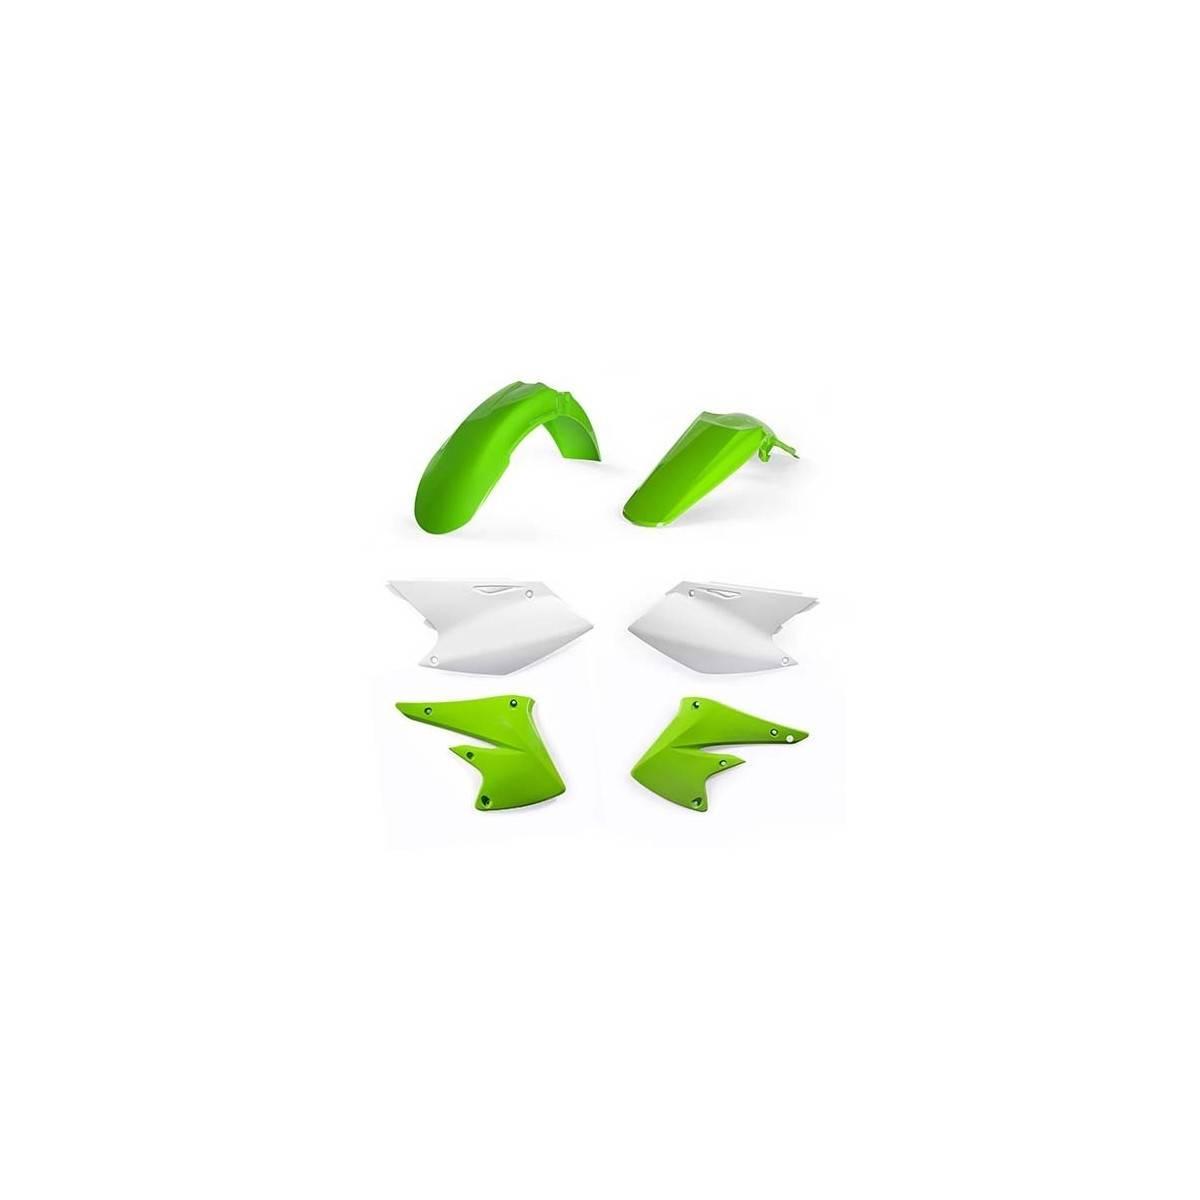 0009110-553 - Kit Plasticos Kxf 250 06 08 Origen